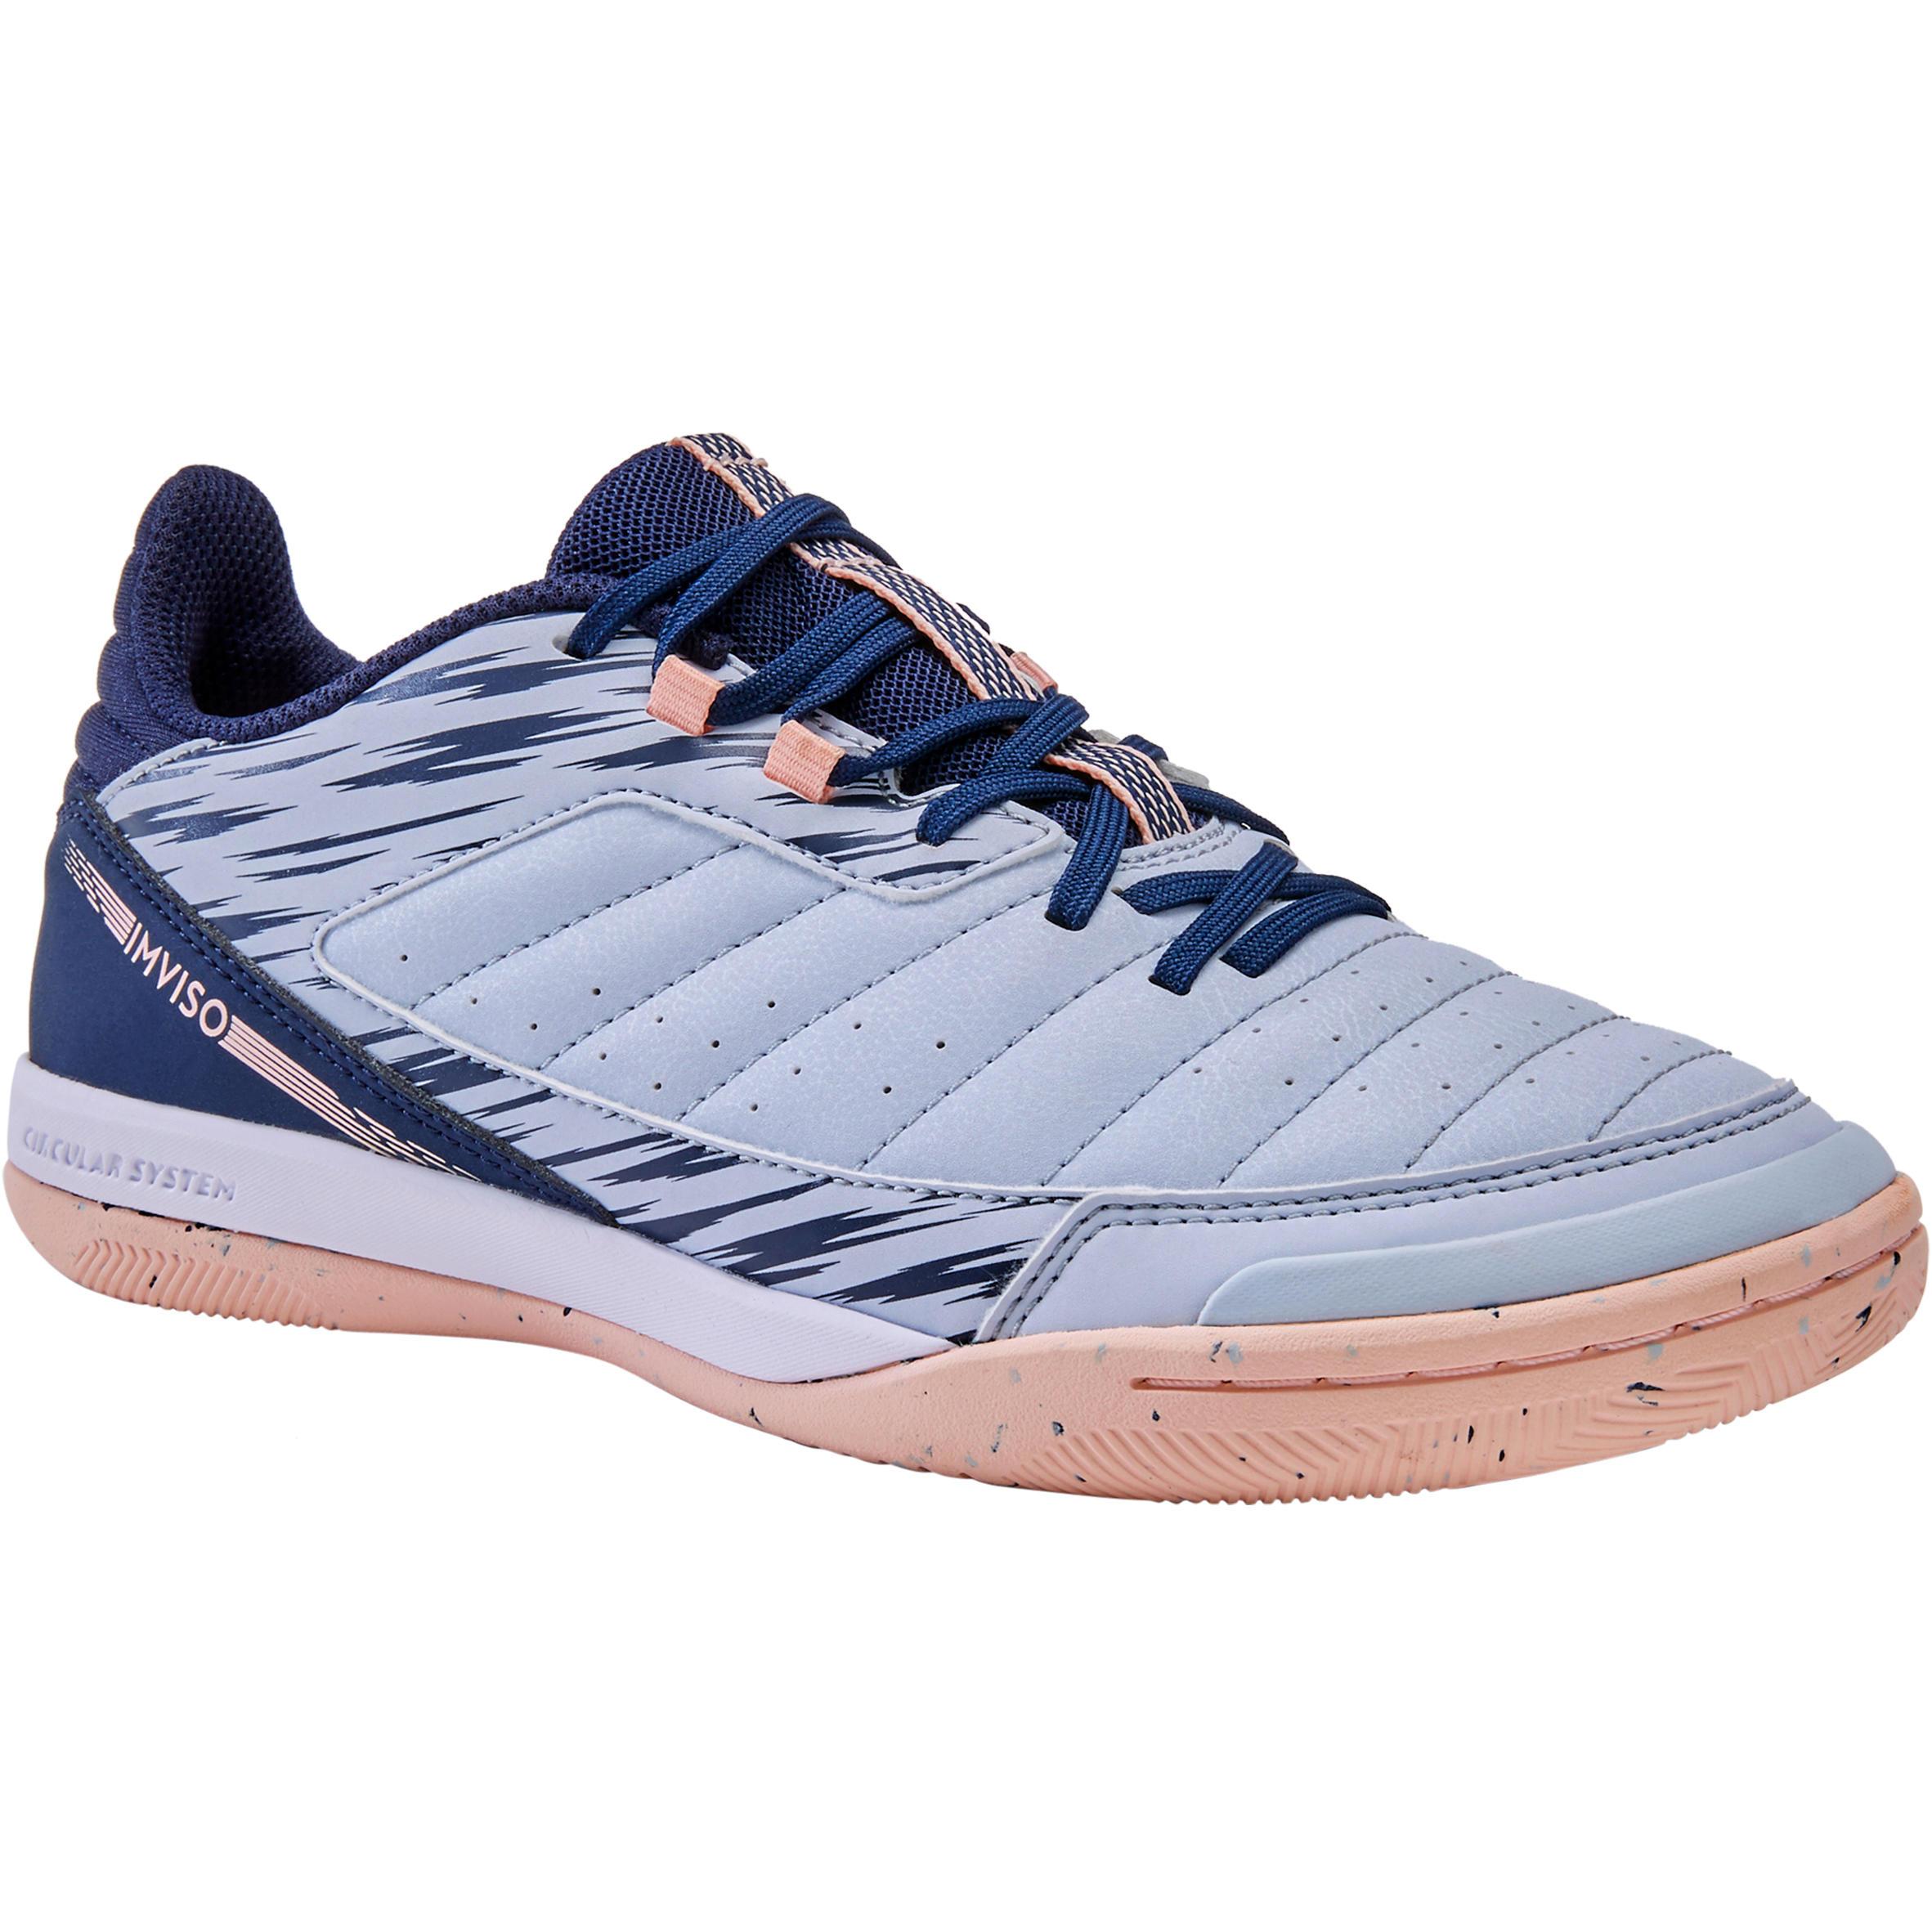 Hallenschuhe Futsal Eskudo 500 Damen grau   Schuhe > Sportschuhe > Hallenschuhe   Imviso